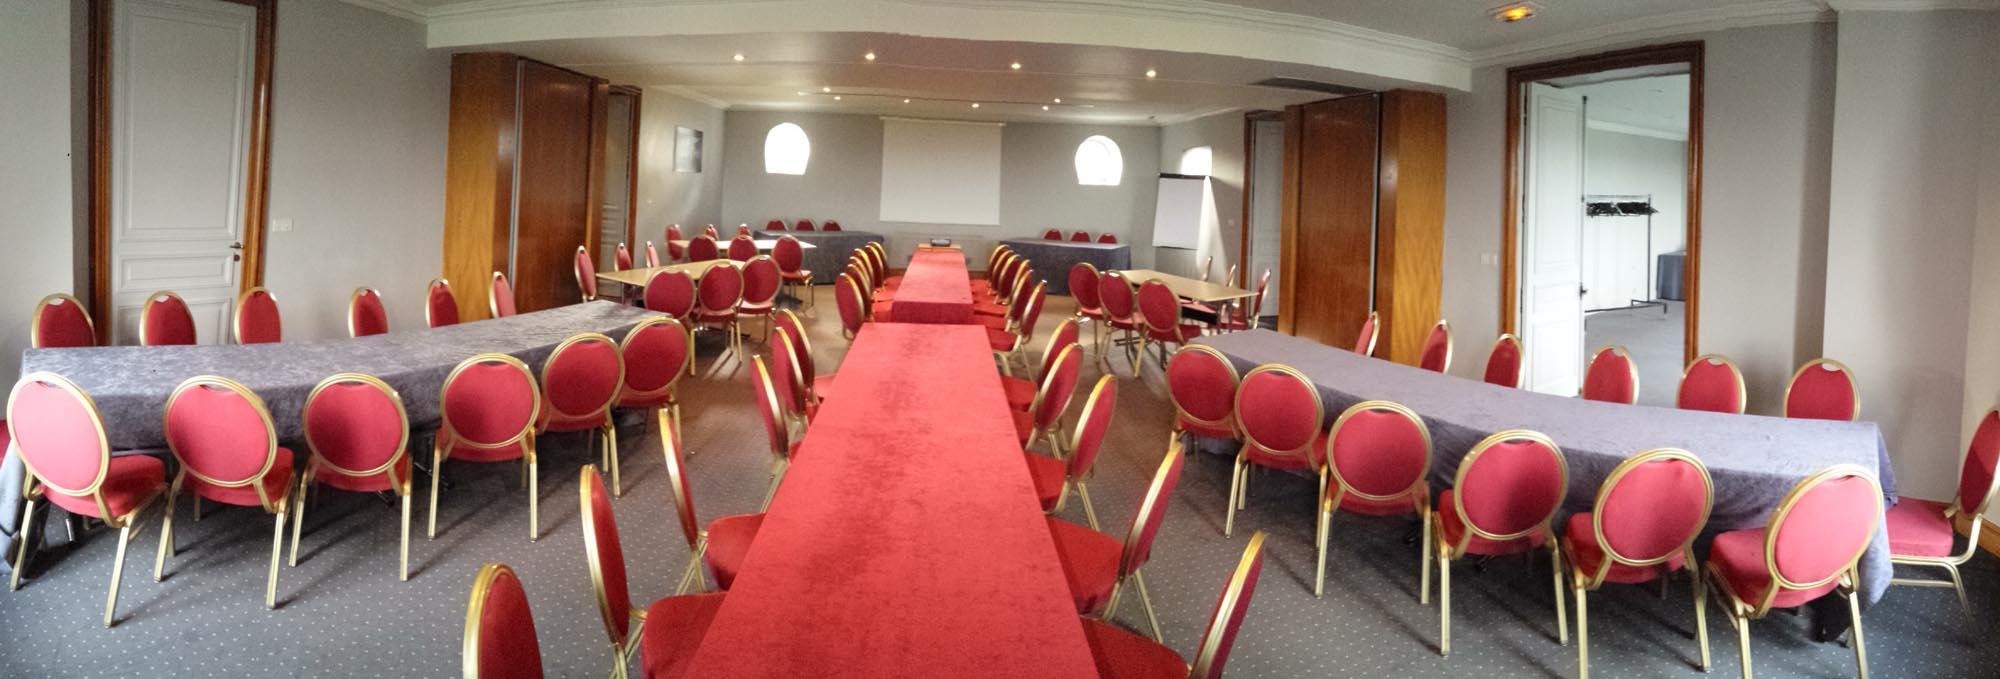 Domaine de Béthemont, salon de grande capacité pour les séminaires et conventions proche de Paris